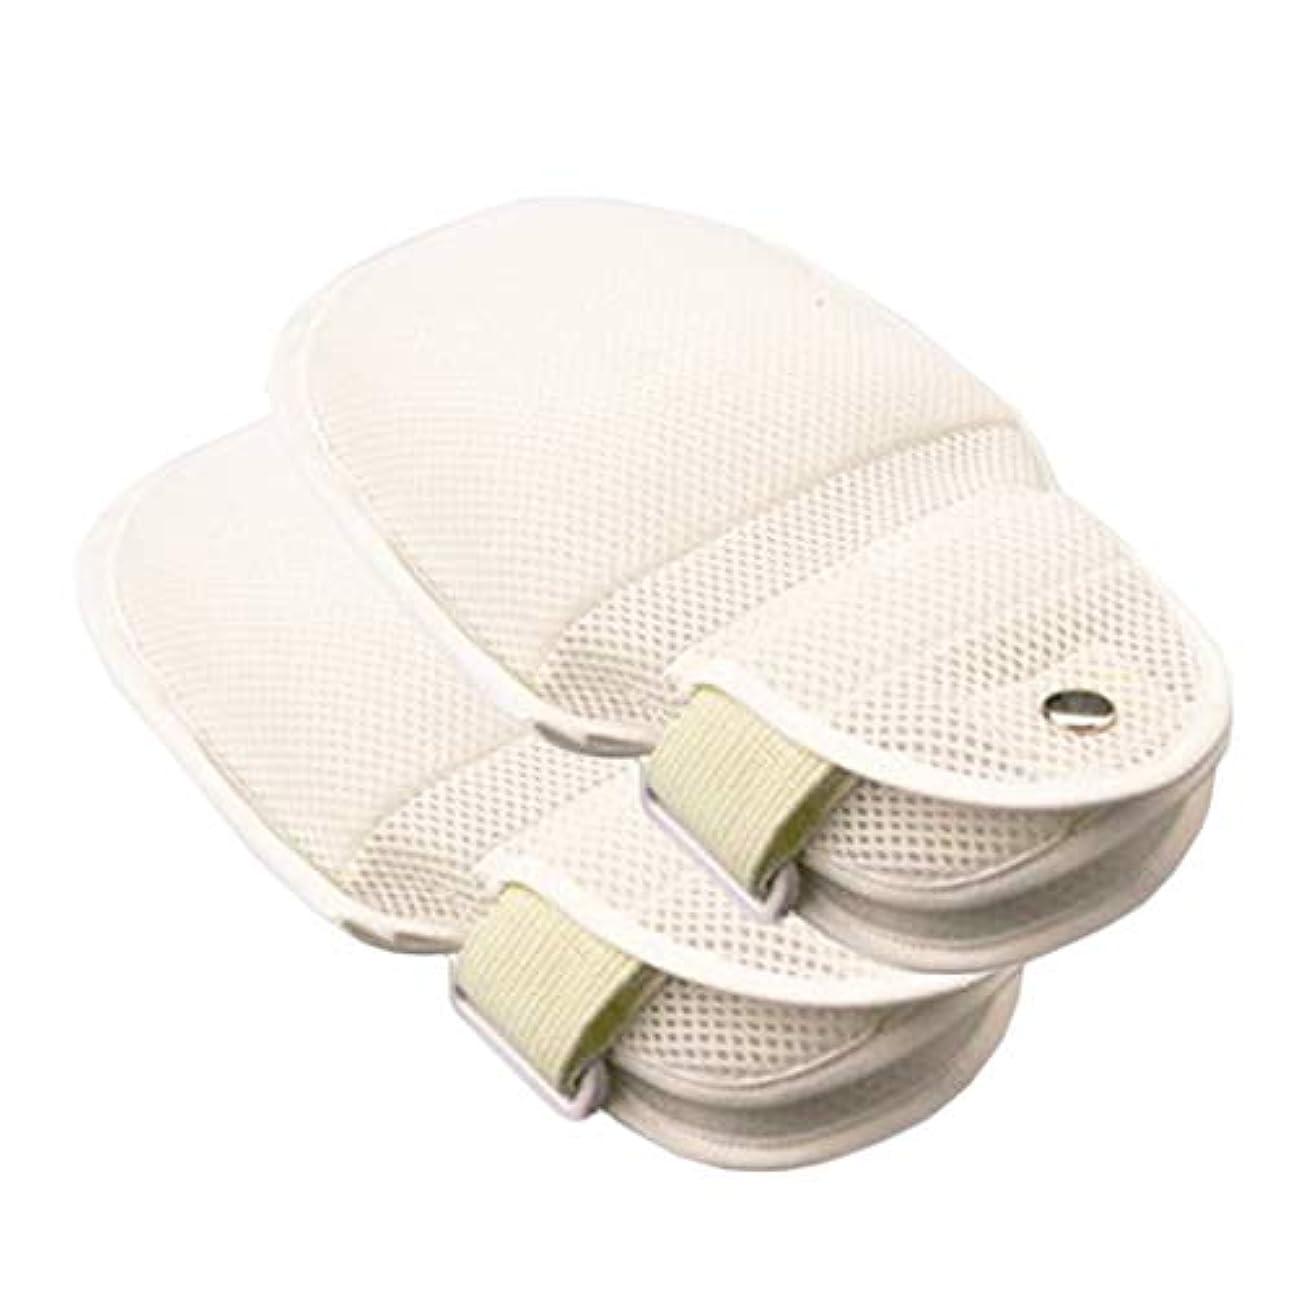 何よりもお酢処理するフィンガーコントロールミット - 抗引っ張りチューブスクラッチ用品、柔らかい拘束手袋 - 認知症患者と高齢者のための手首拘束,2pcs